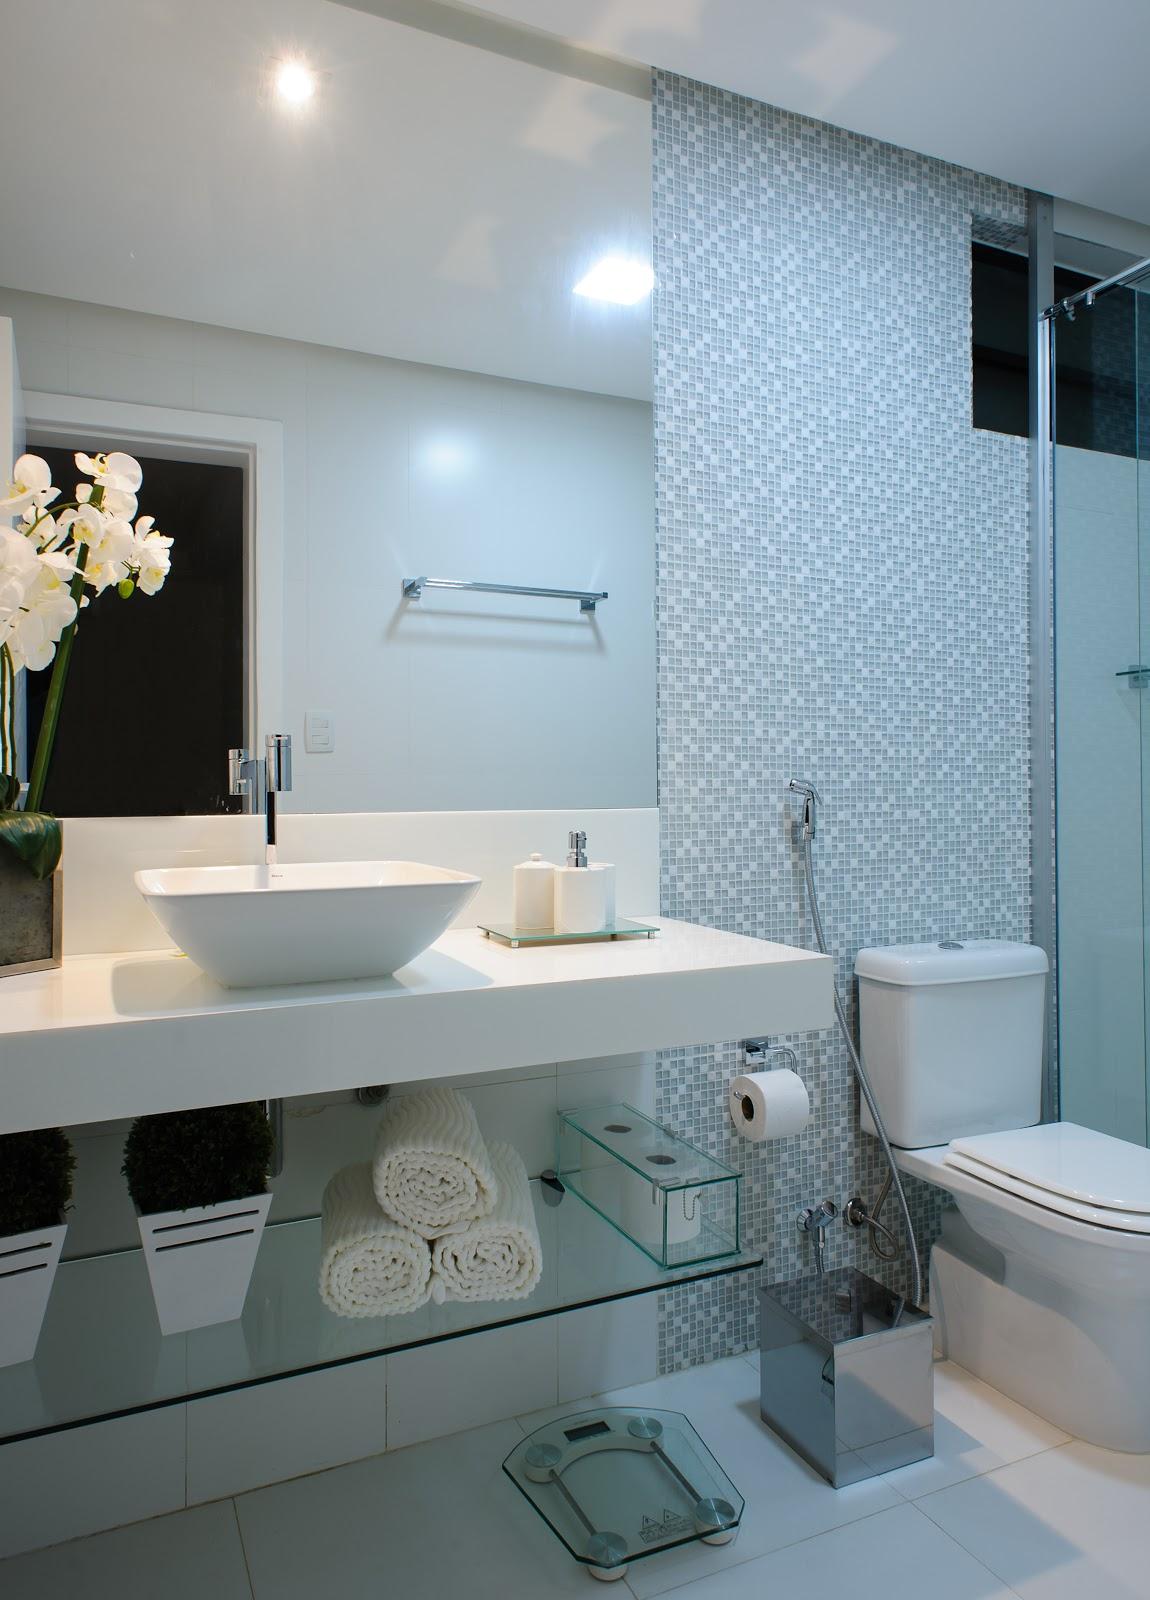 Para uma garota Banheiro Pink e branco pastilhas de vidro  #4E6A7D 1150x1600 Banheiro Branco Com Rejunte Azul